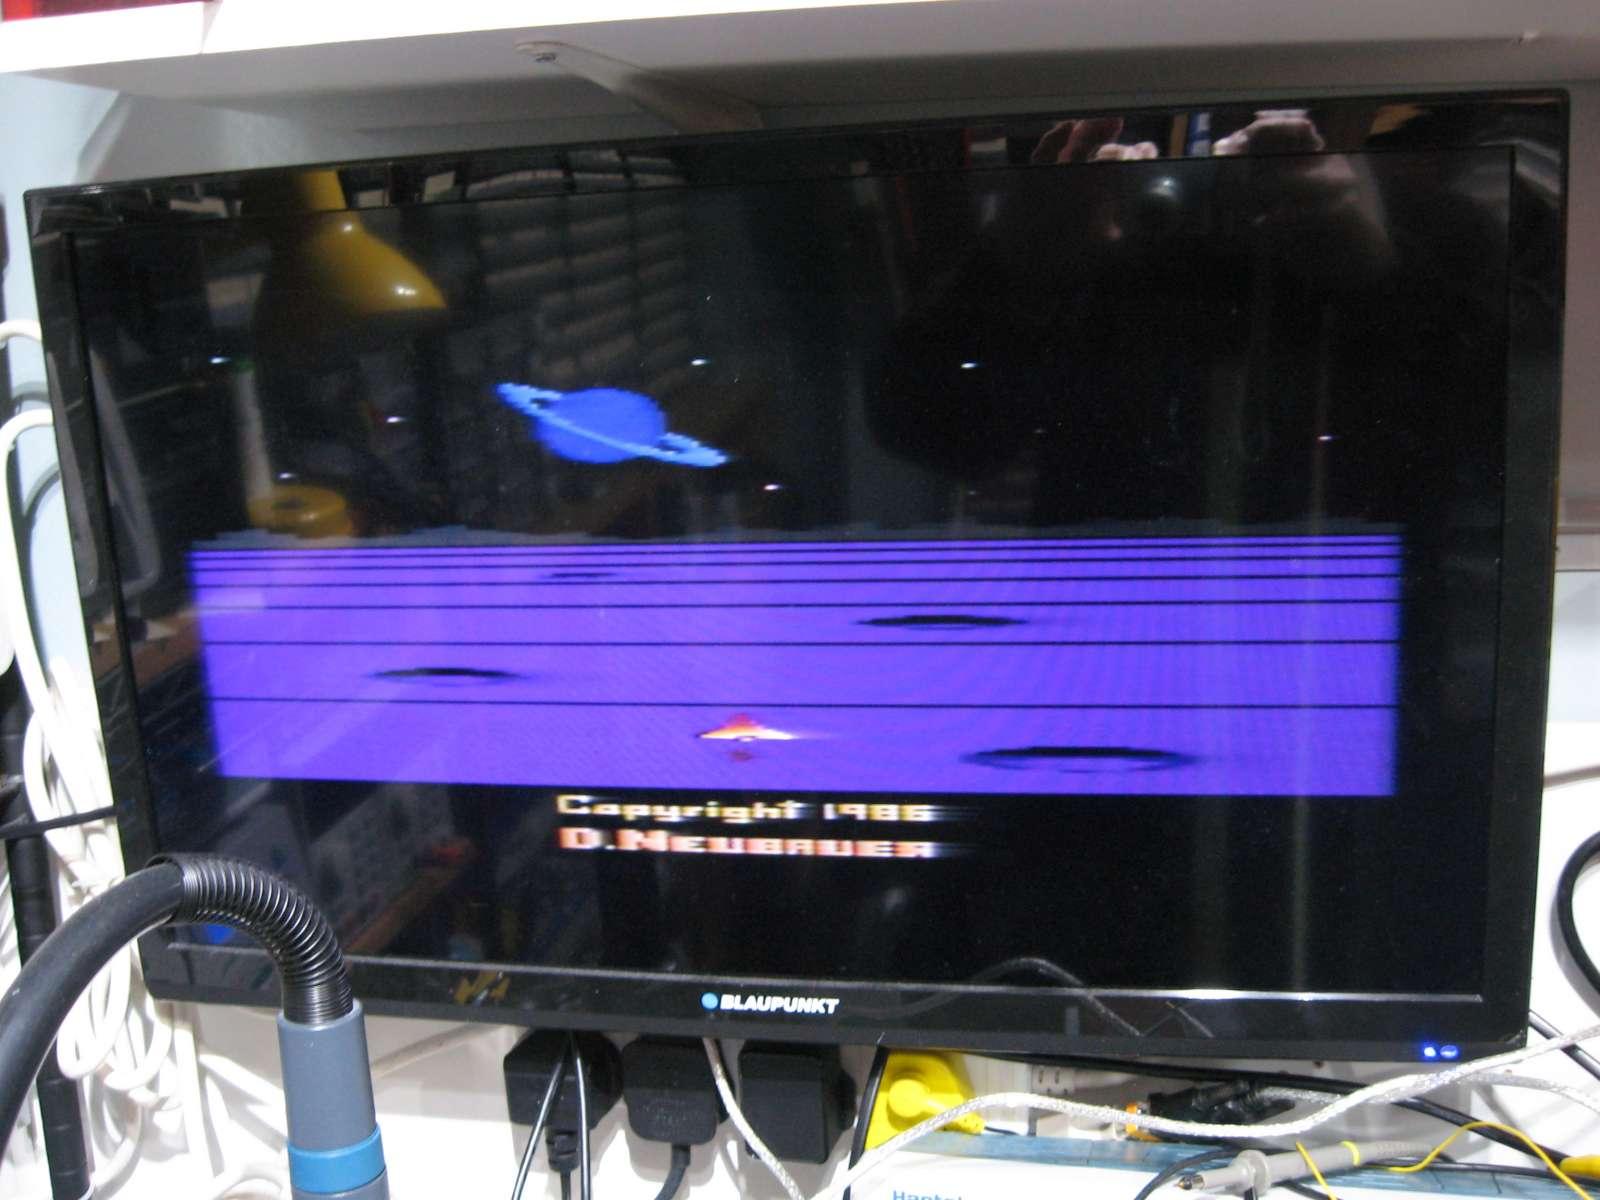 Atari 2600 Composite Video